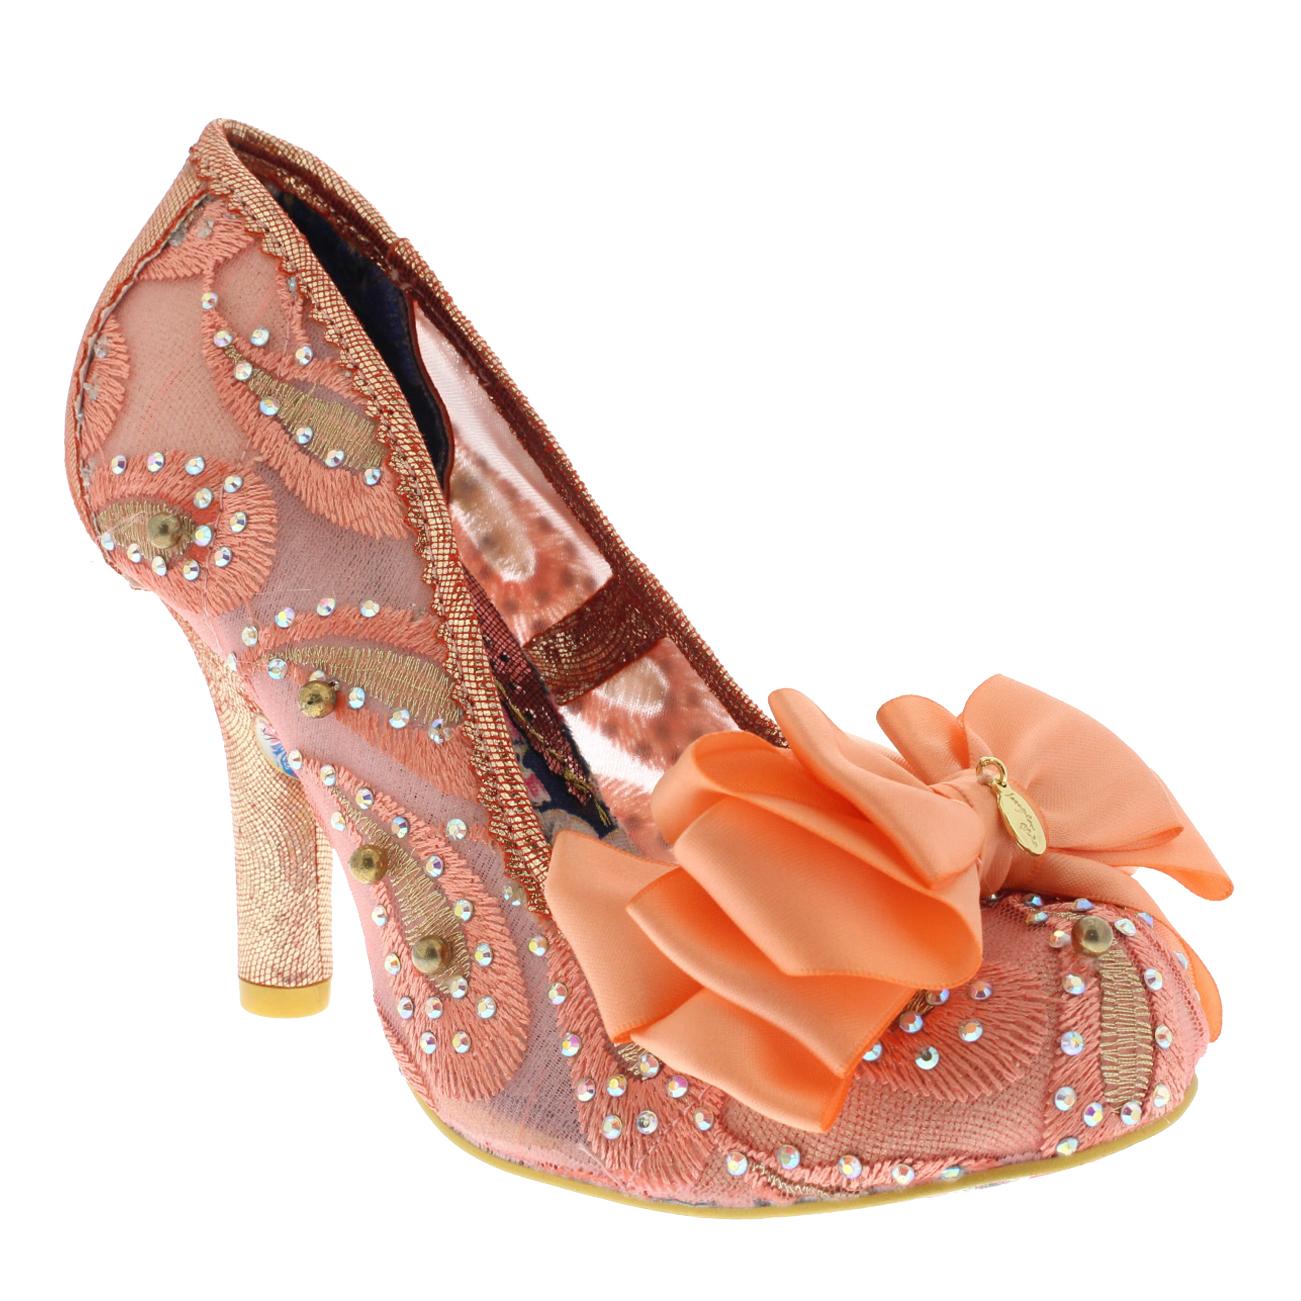 Damenschuhe Irregular Choice Ascot Metallic High Heel Glitter Court Schuhes 3.5-8 UK 3.5-8 Schuhes 98eacd